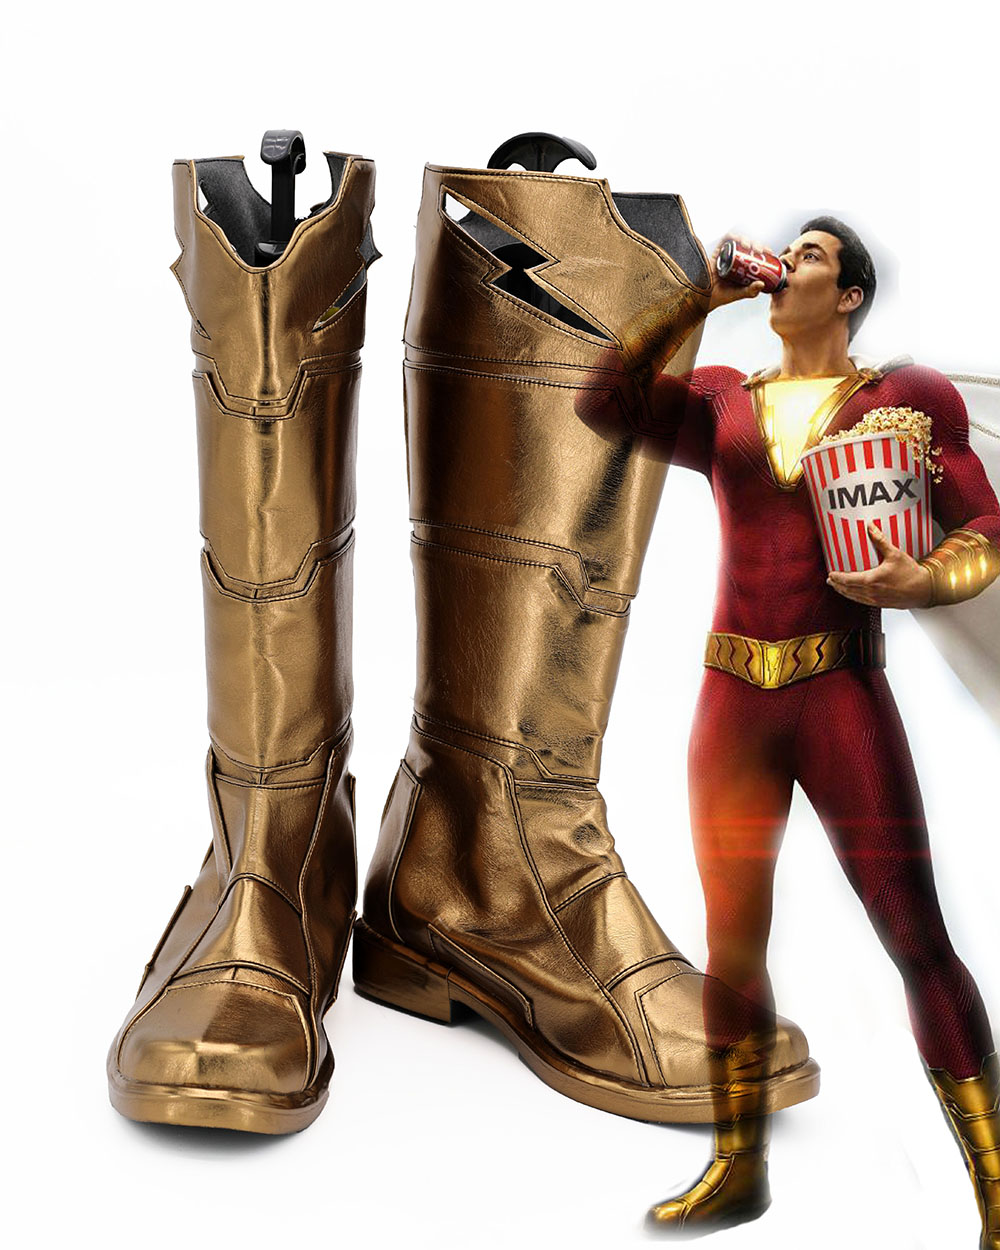 Captain Marvel Shazam Cosplay Hot Movie Shazam Billy Batson Cosplay Boots Superhero Golden Shoes Custom Made